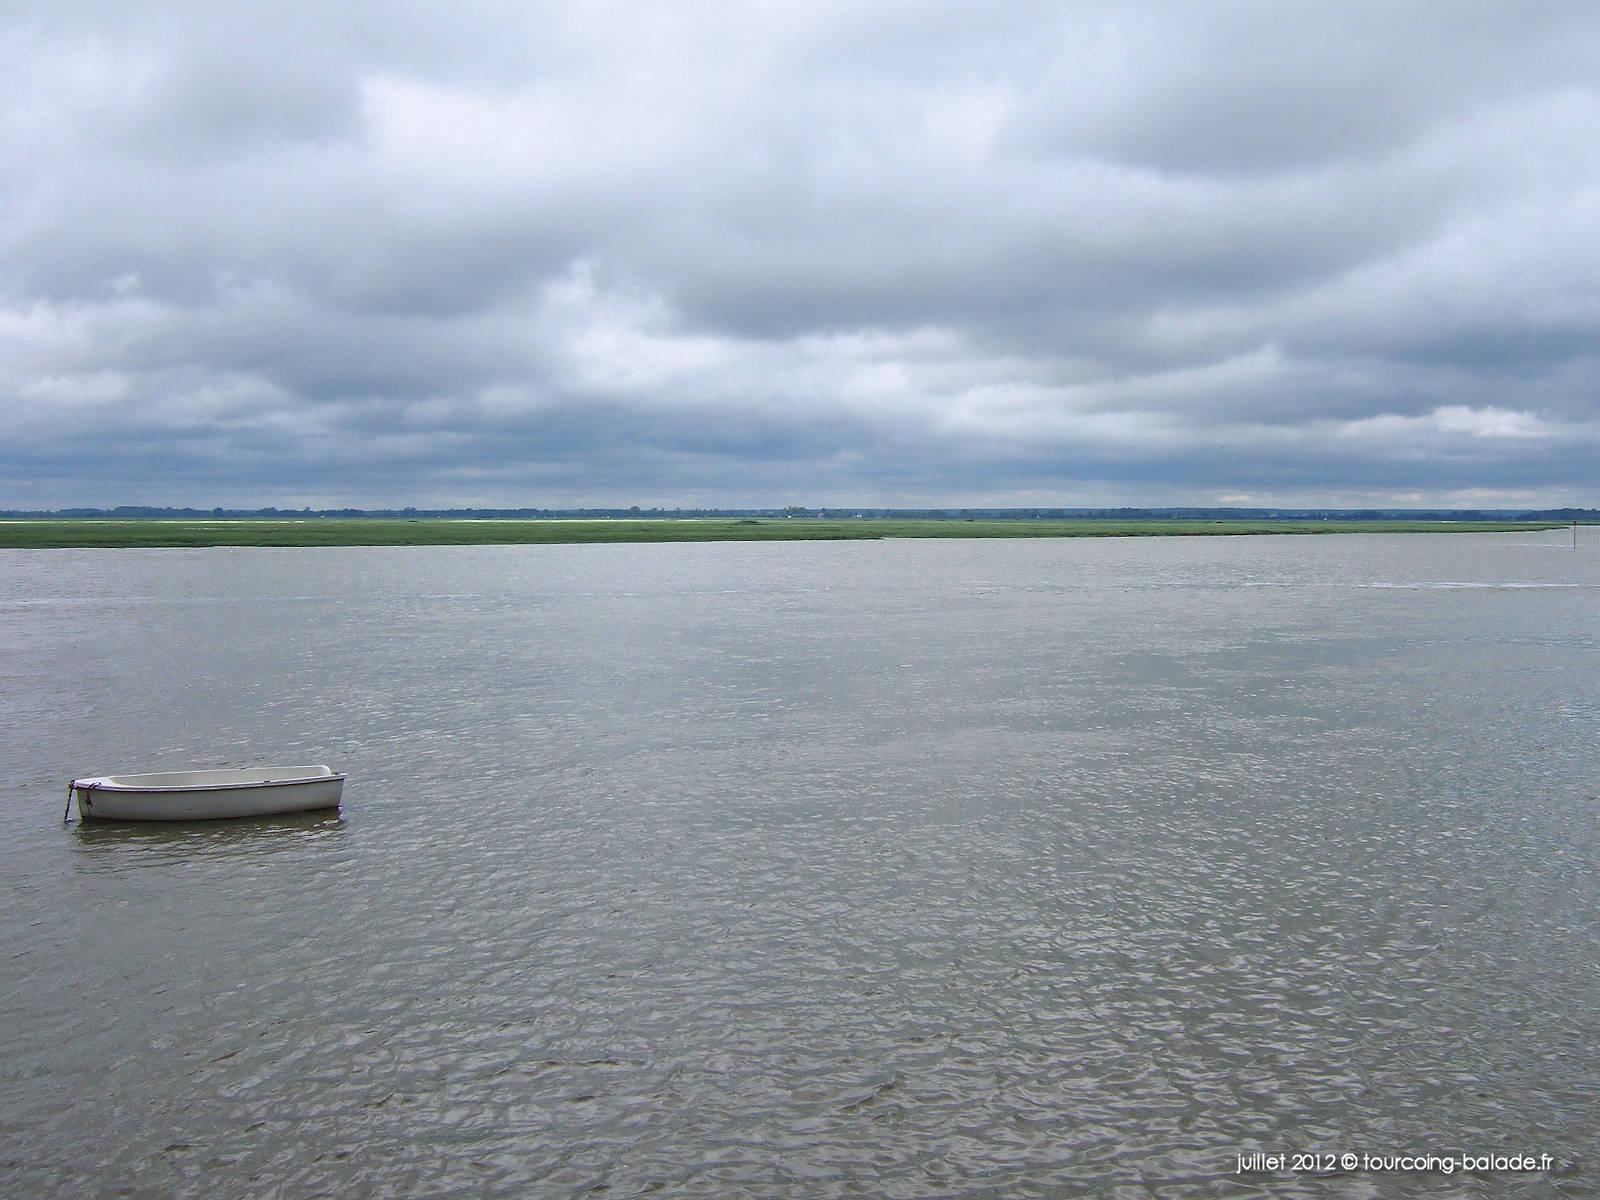 La Somme (fleuve) - Embouchure sur la Manche - 2012